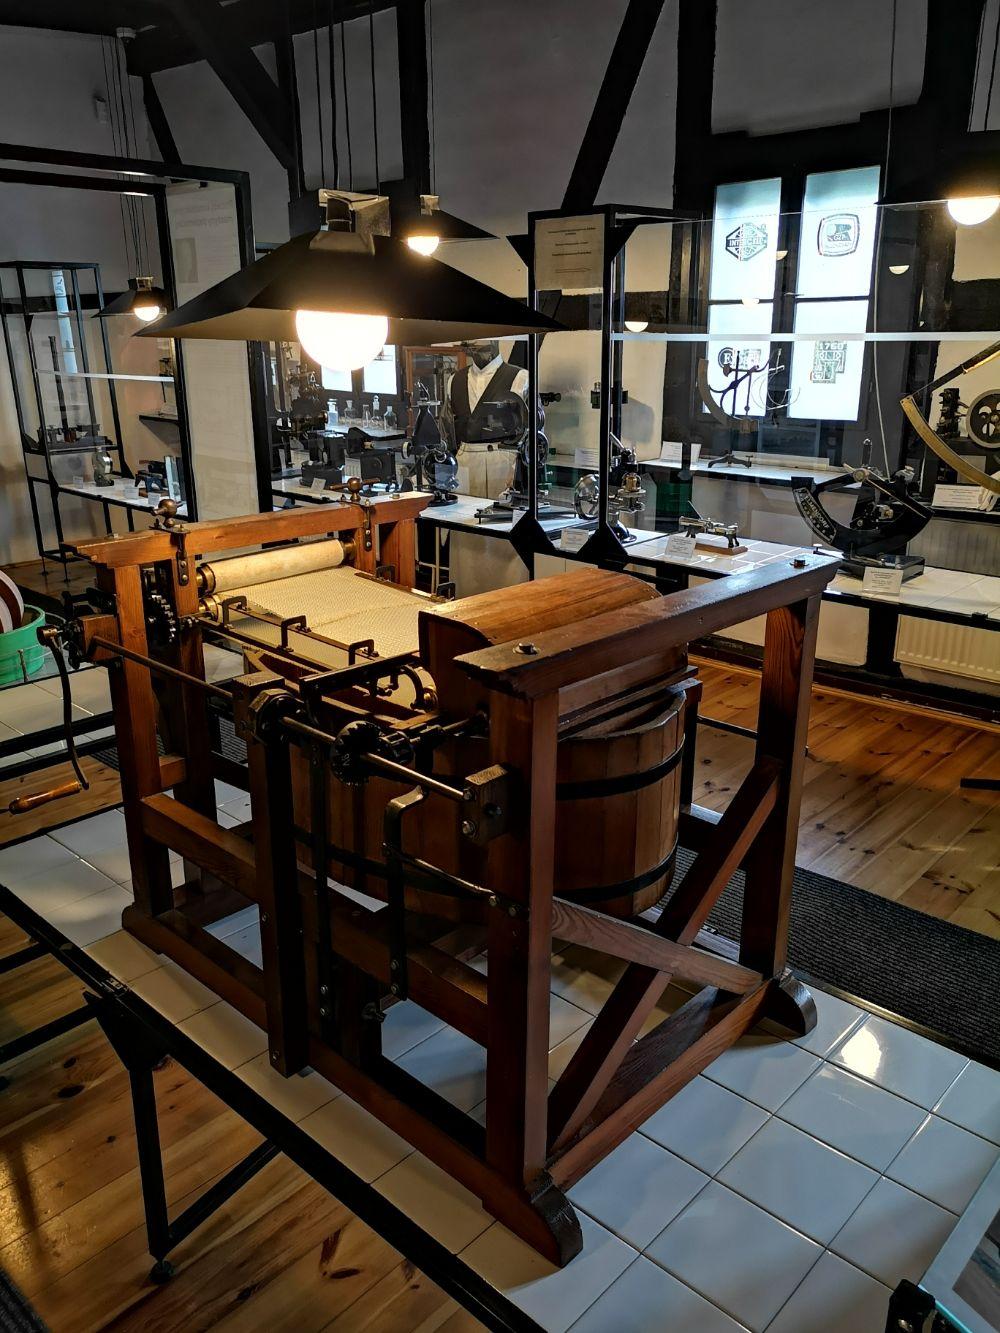 muzeum papiernictwa co warto zwiedzić ziemia klodzka dolny śląsk travel